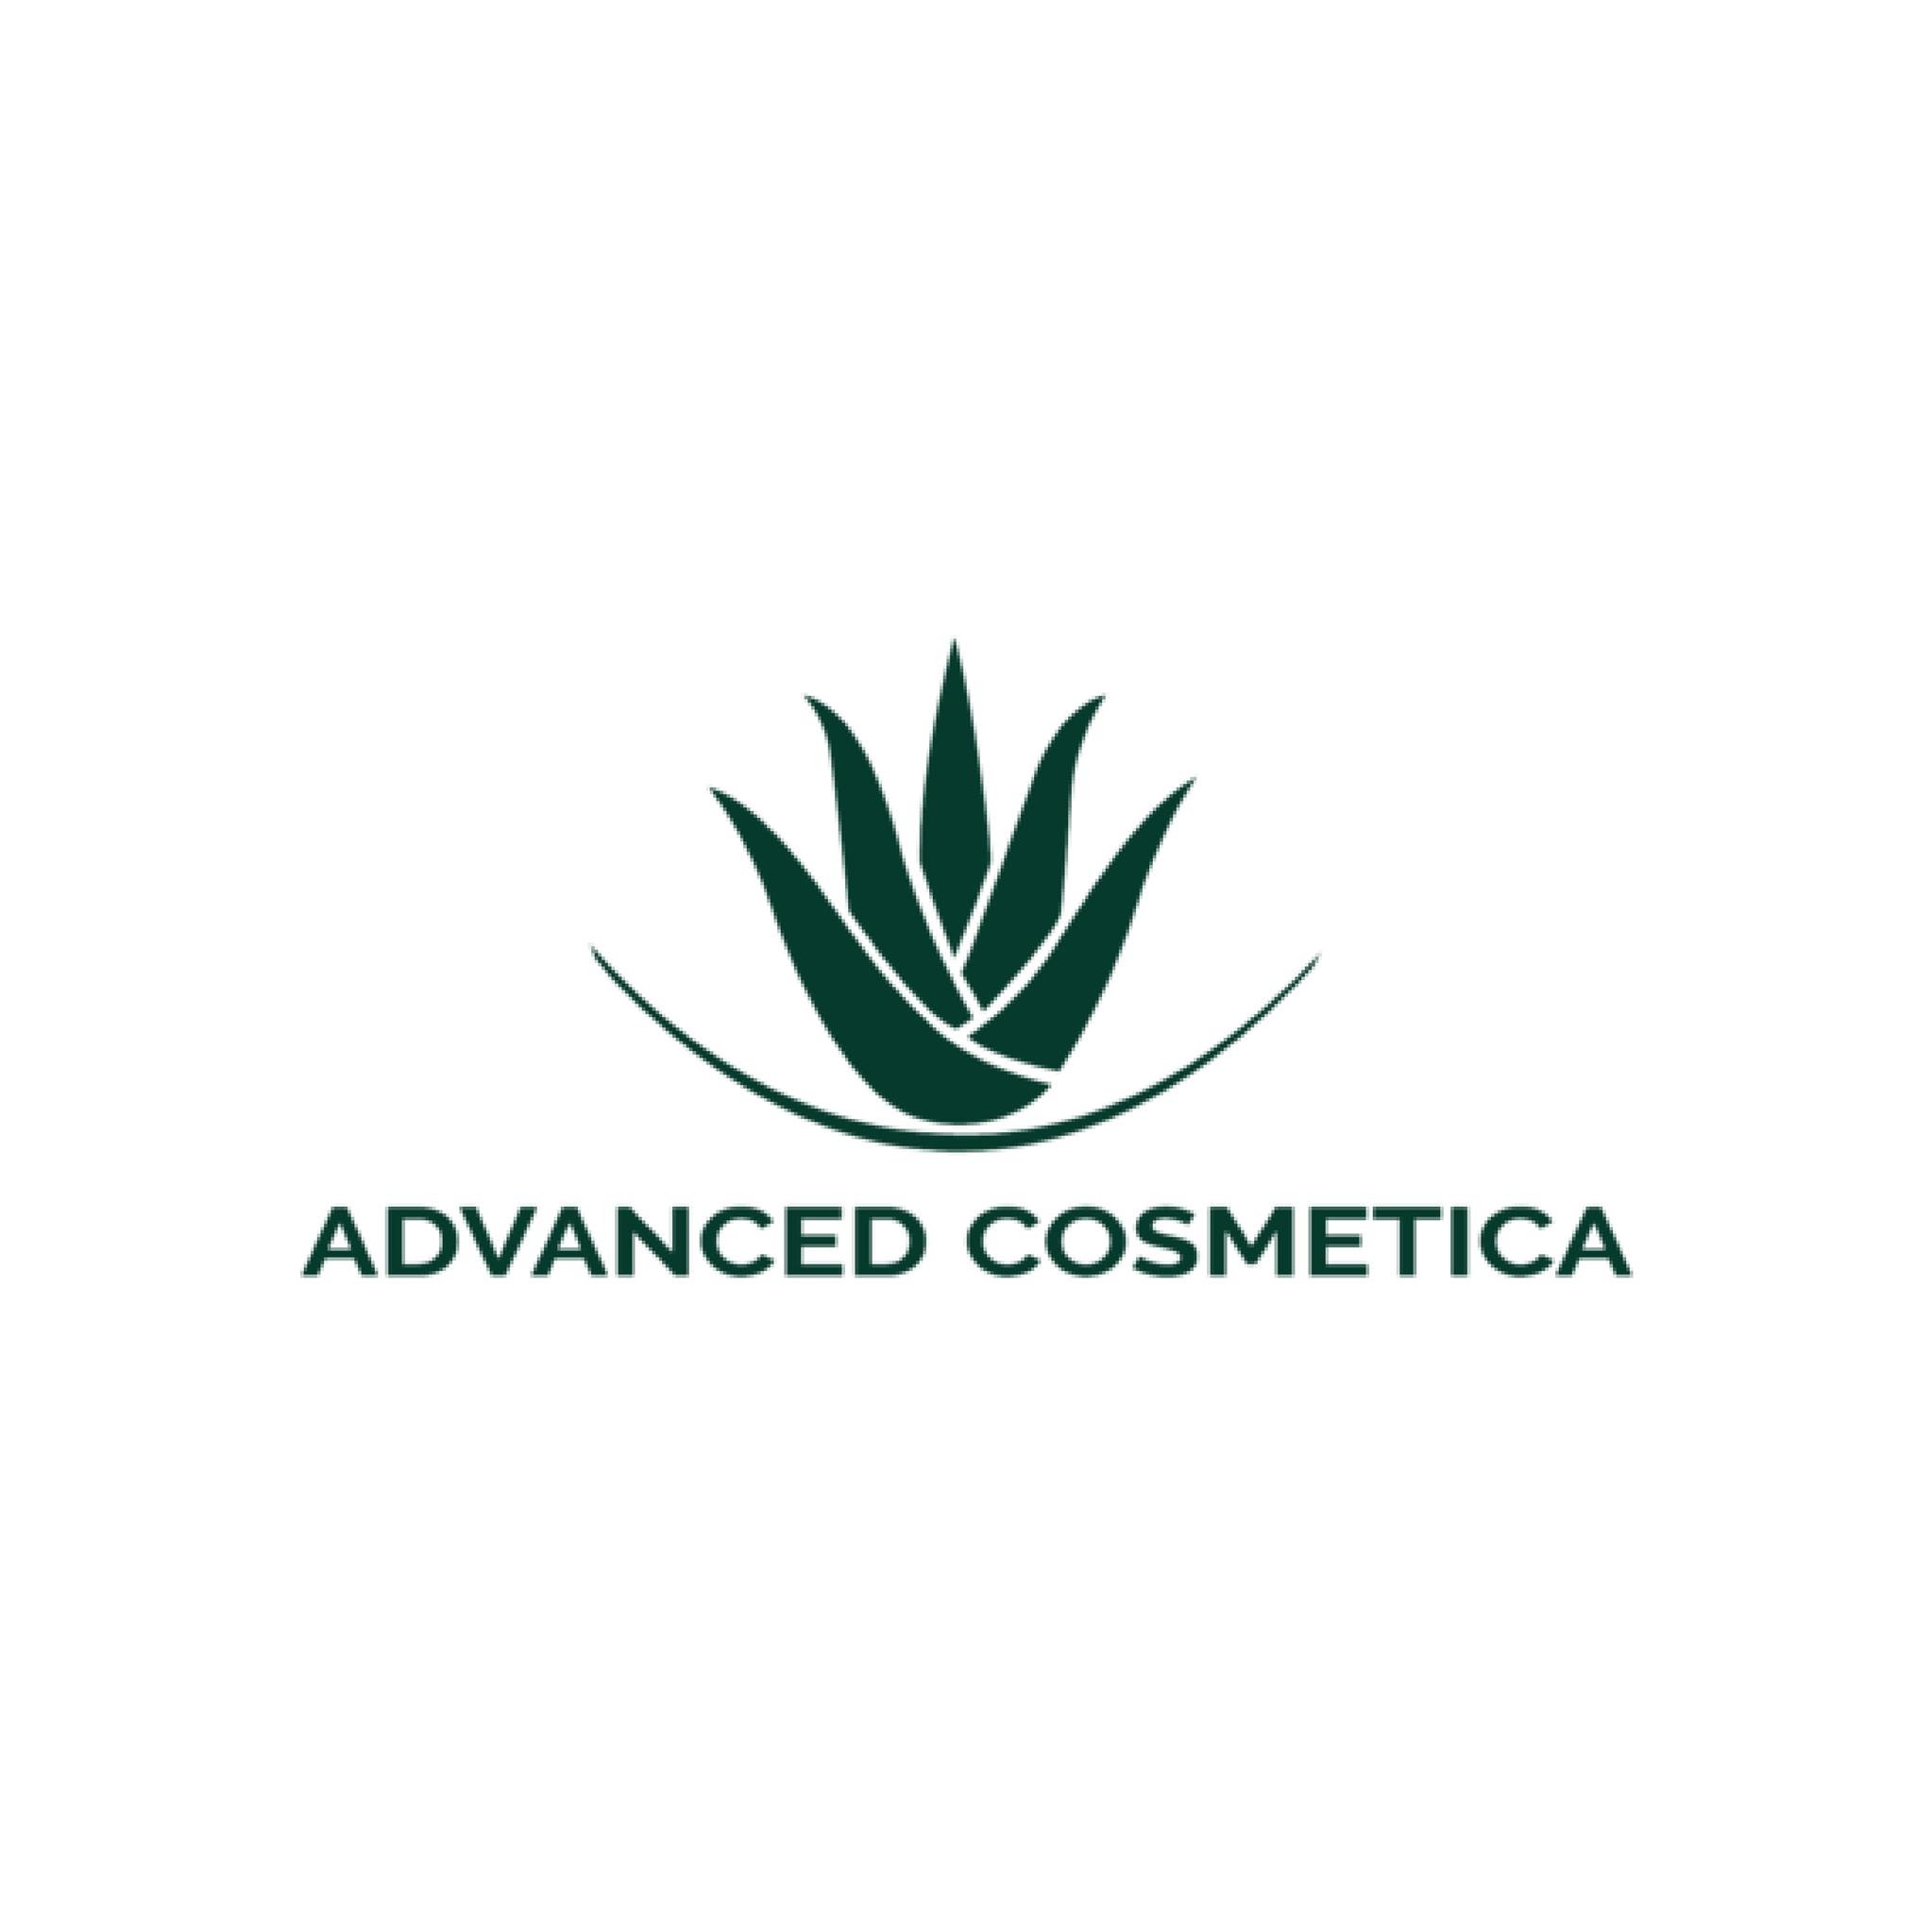 Advanced Cosmetica